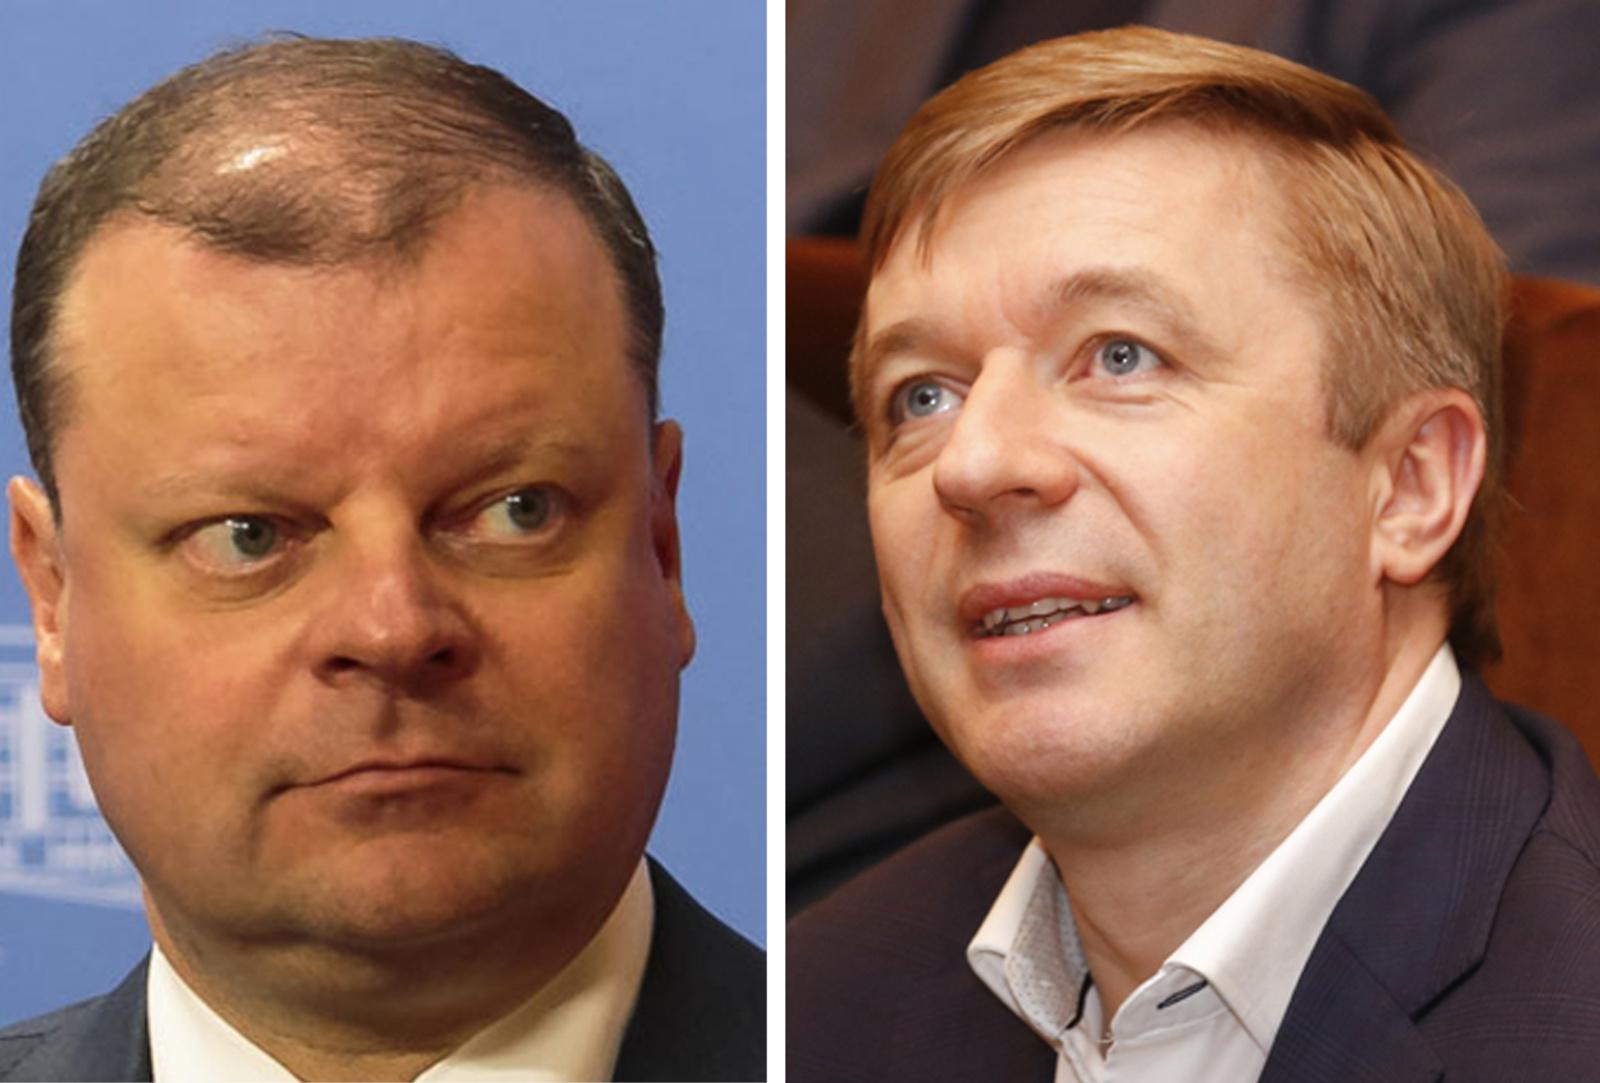 Politologas: reakcija į Prezidentės laiškus atskleidė skirtumus tarp kerštingo R. Karbauskio ir susilaikyti galinčio S. Skvernelio